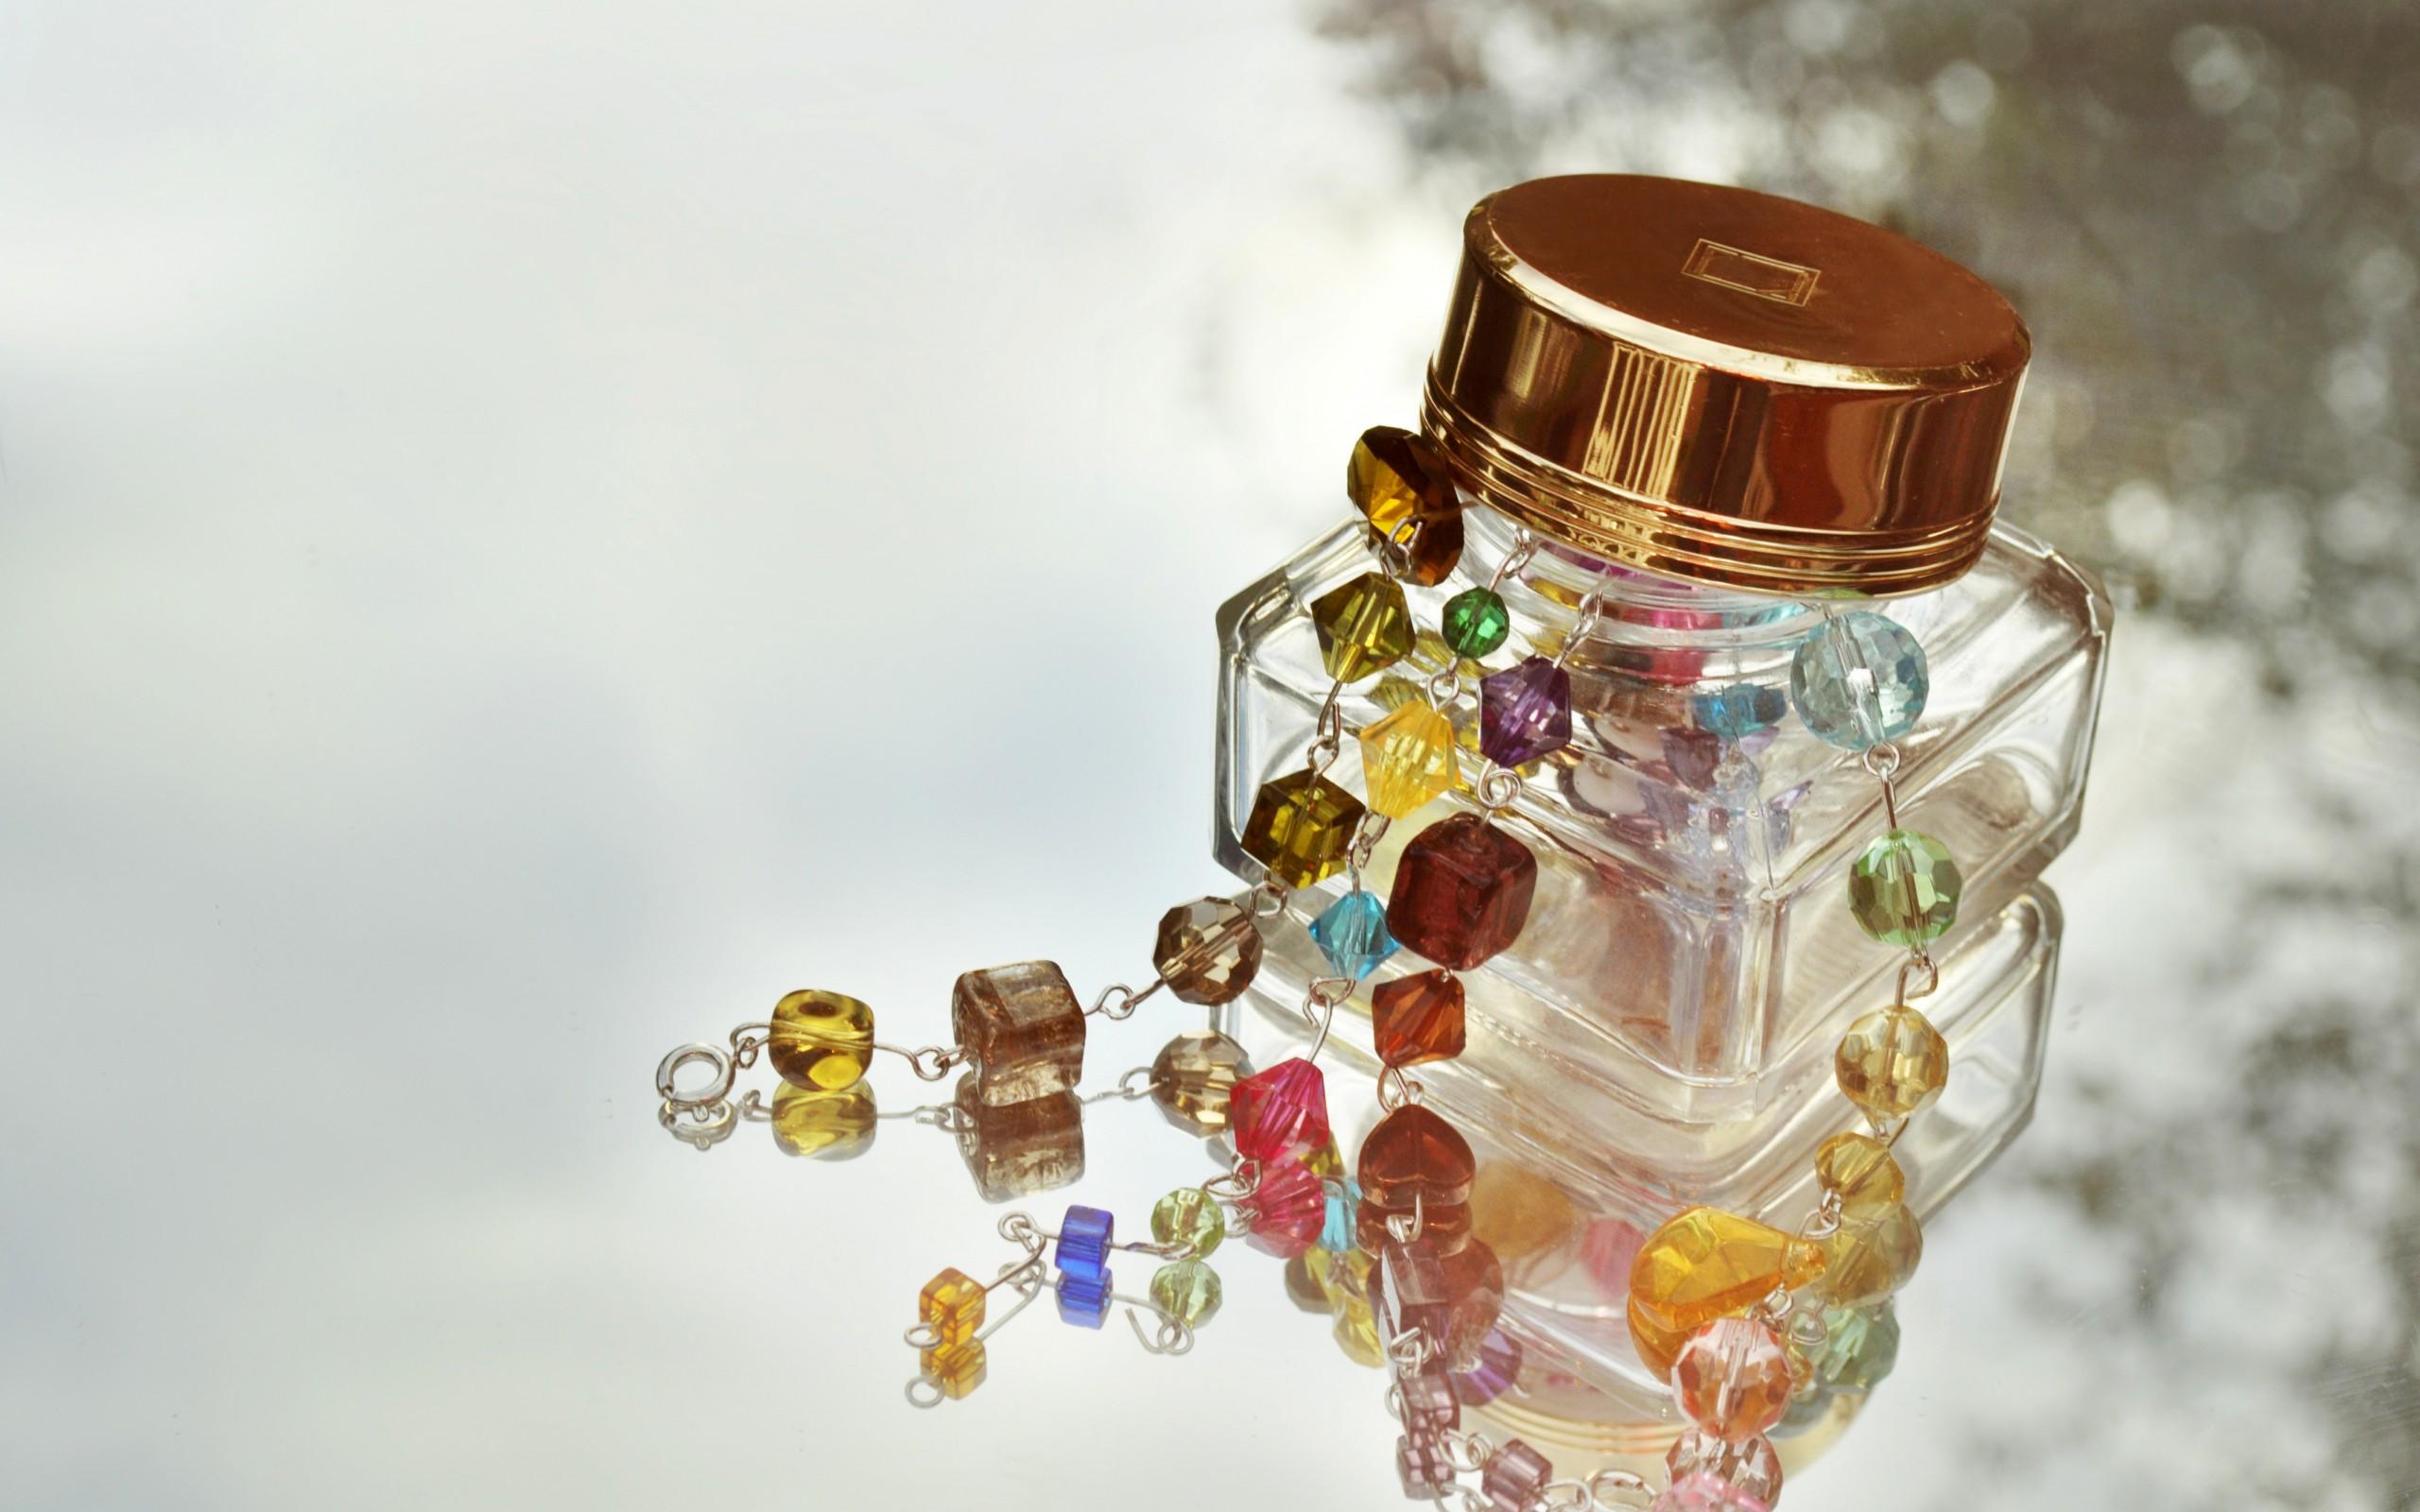 аромат, духи, камни